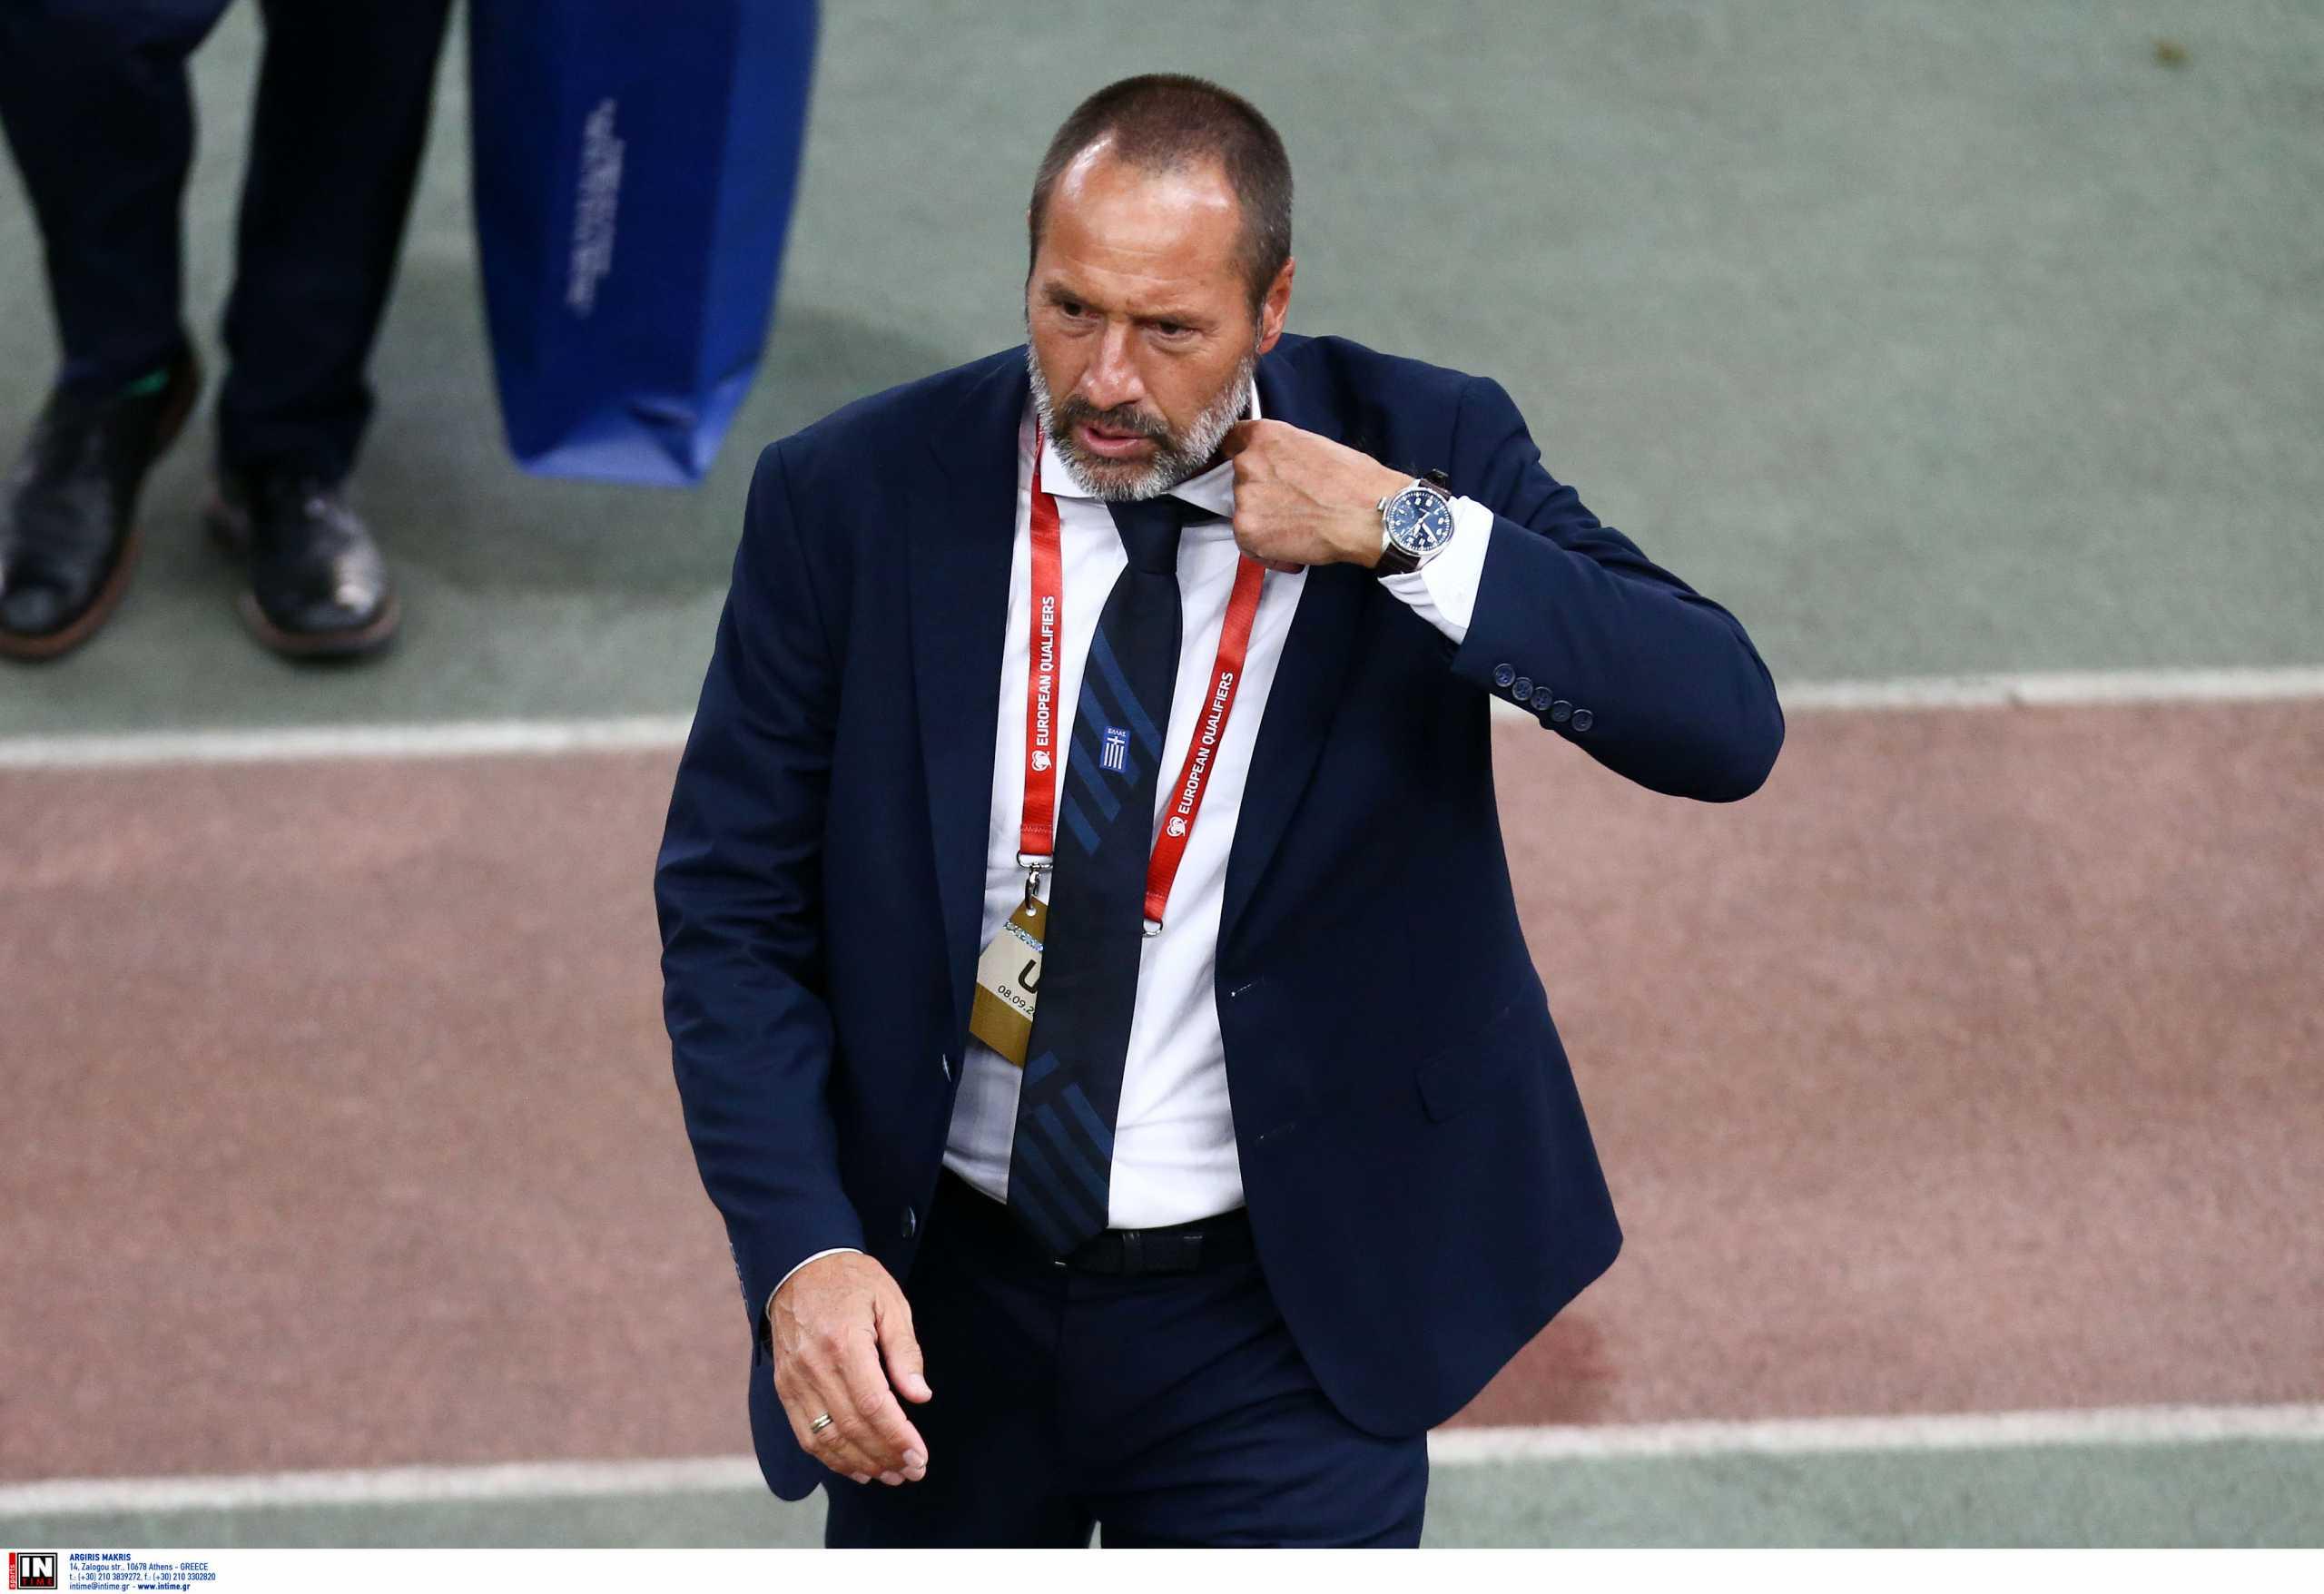 Εθνική Ελλάδας: Οι δηλώσεις του Φαν' τ Σιπ ενόψει των ματς με Σουηδία και Γεωργία